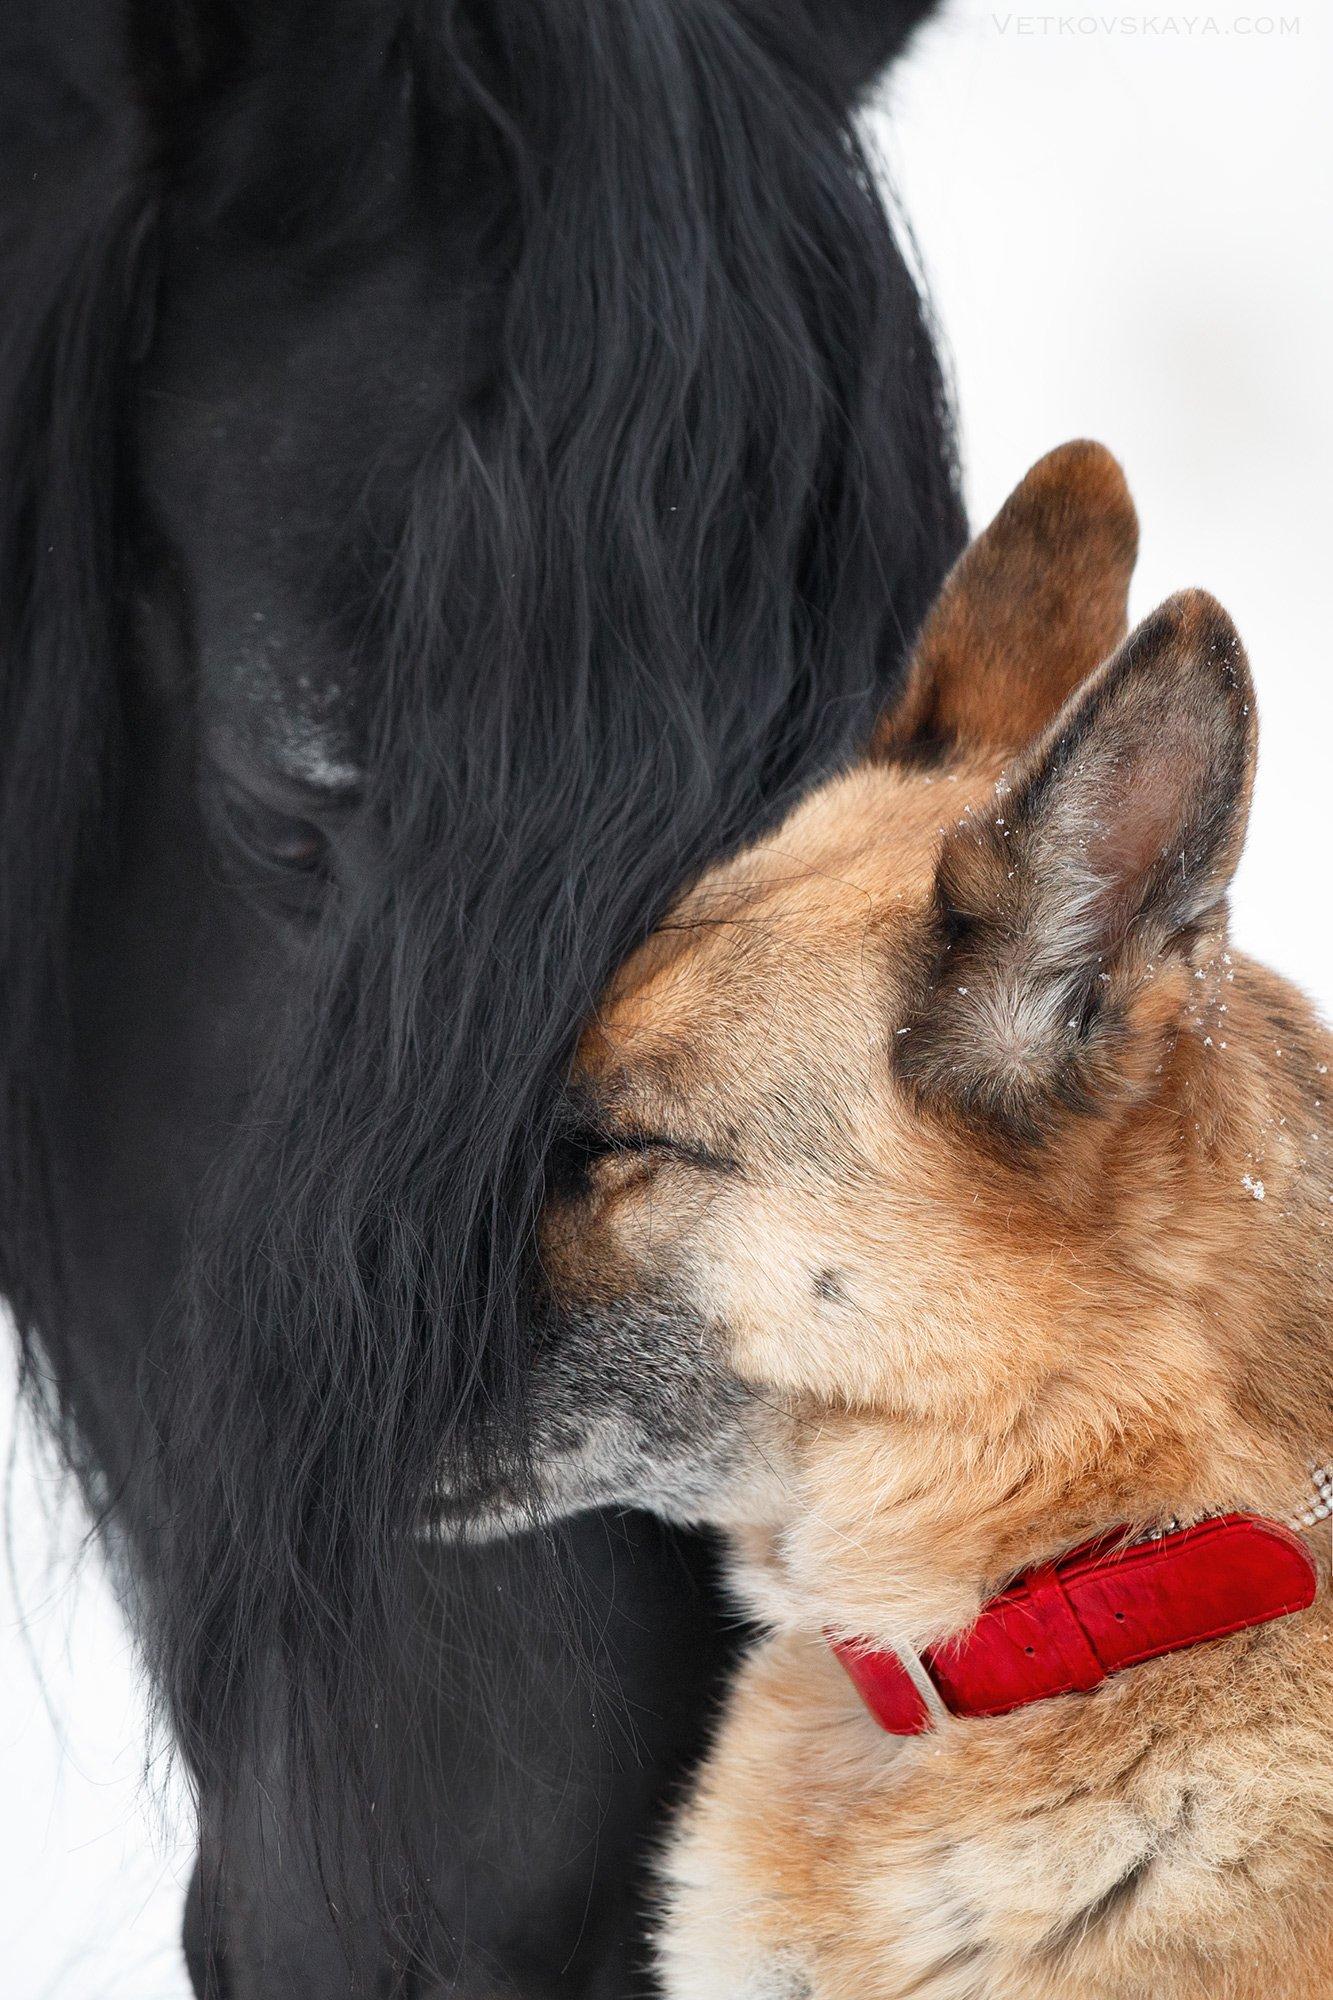 собака, лошадь, фриз, любовь, нежность, эмоции, старость, овчарка, Анастасия Ветковская